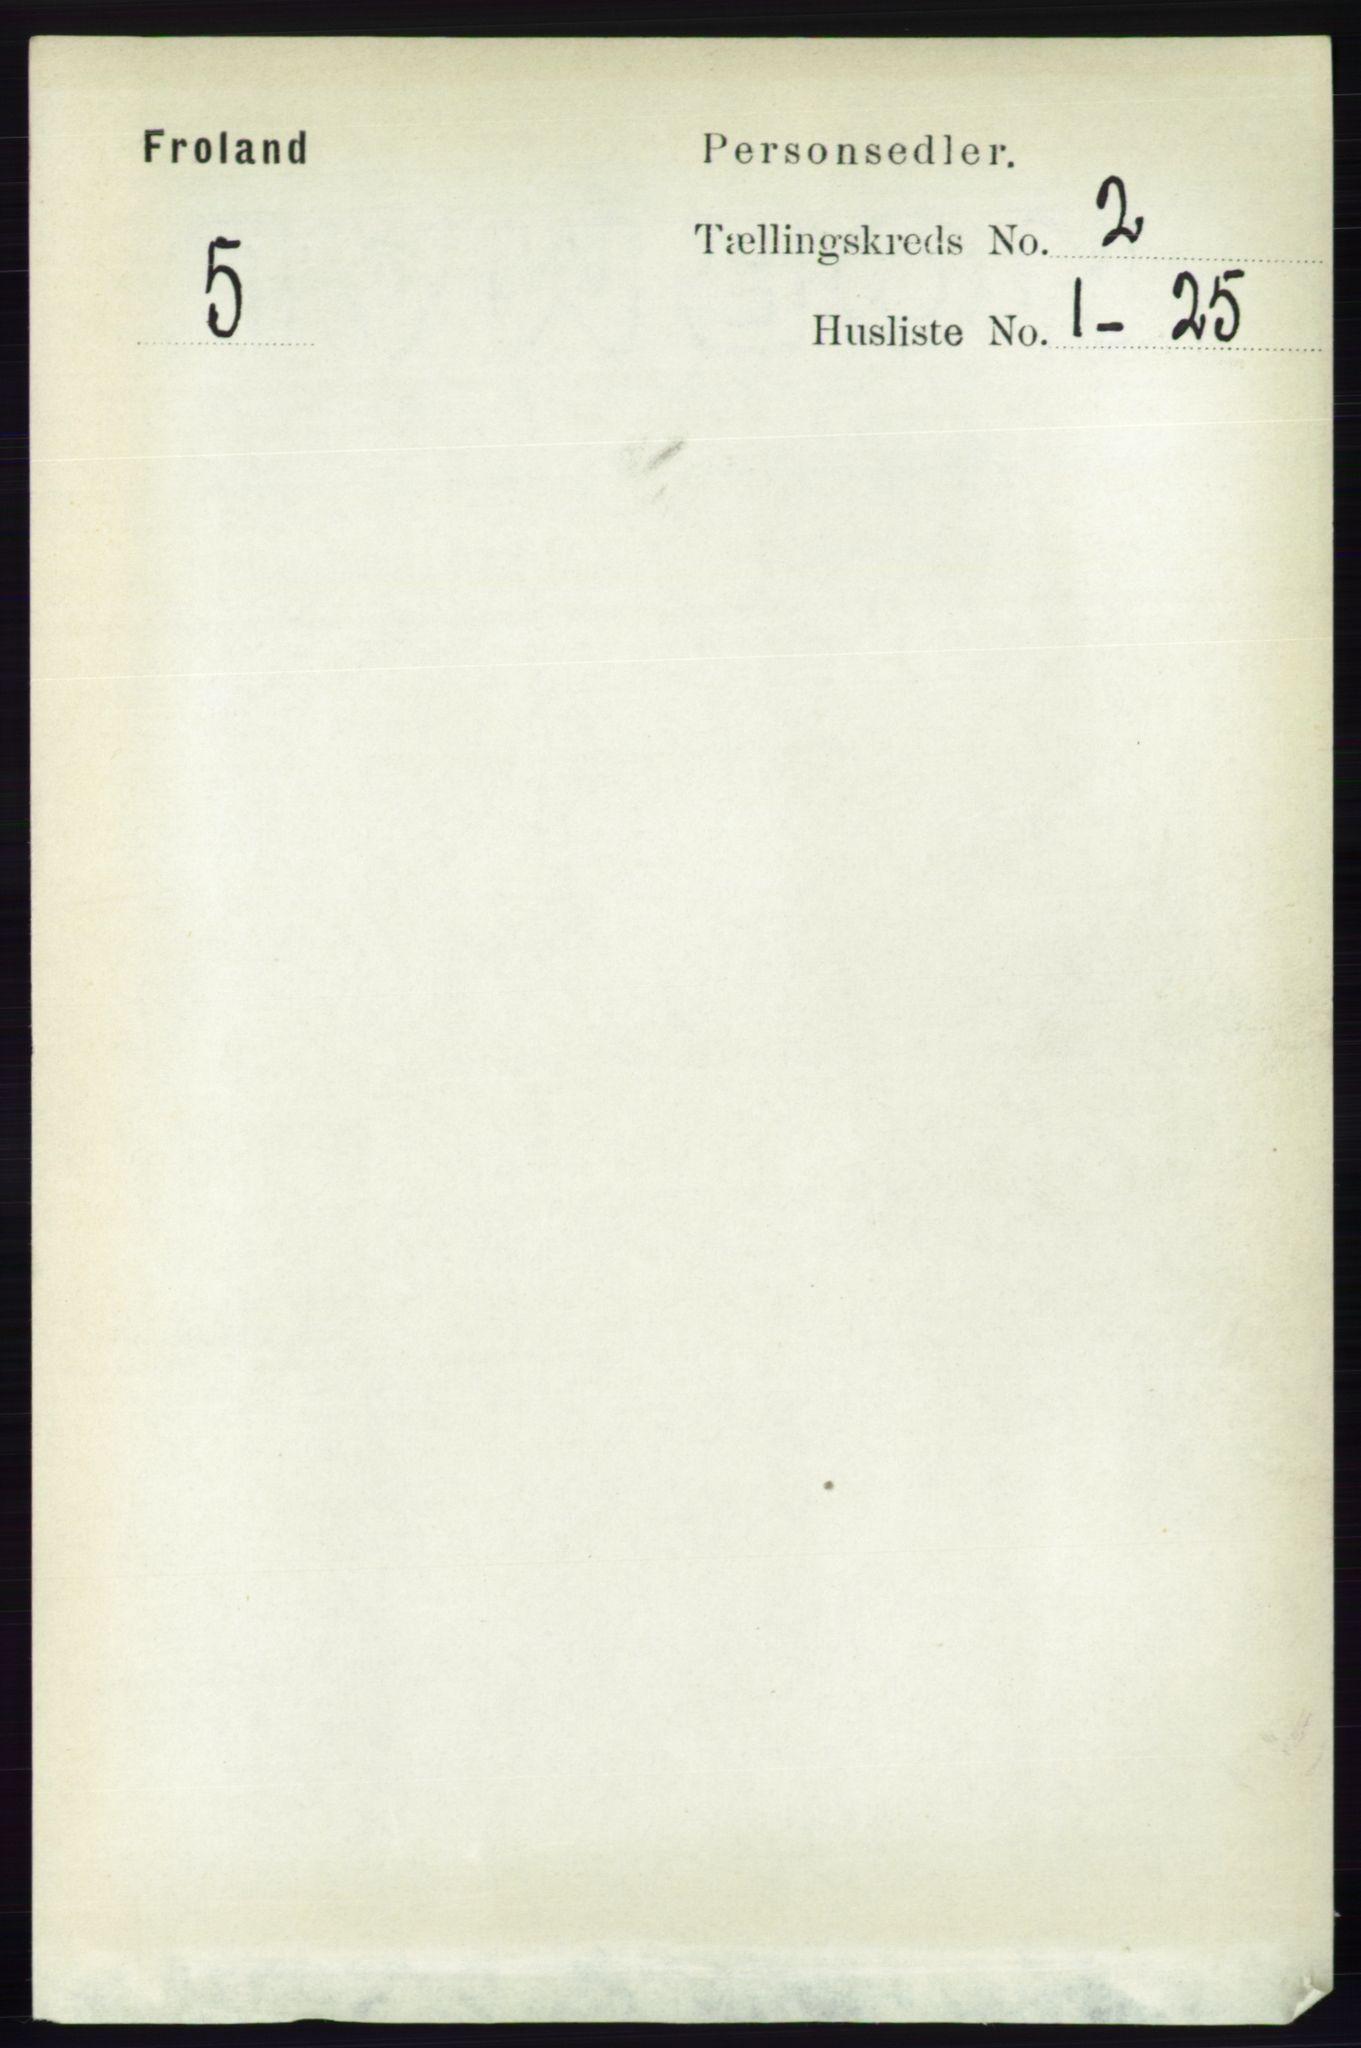 RA, Folketelling 1891 for 0919 Froland herred, 1891, s. 477